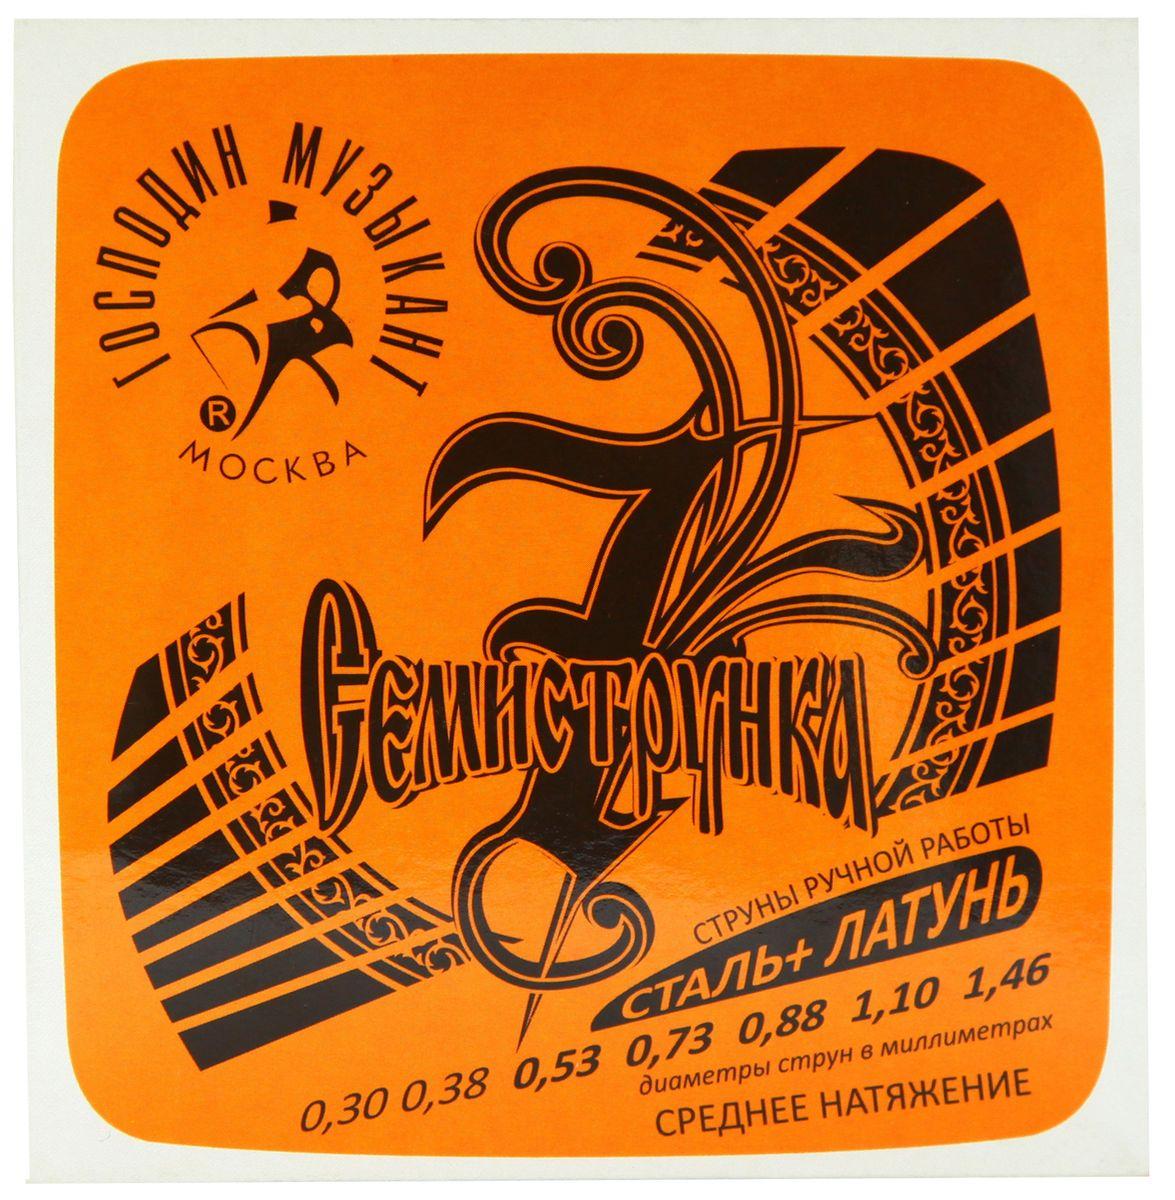 Господин Музыкант R-12 Семиструнка, Gray струны для акустической гитарыPH3849R12 СЕМИСТРУНКА R-12 Комплект струн для 7струнной акустической гитары (сталь+Л85), D-B-G-D-B-G-D Господин музыкант